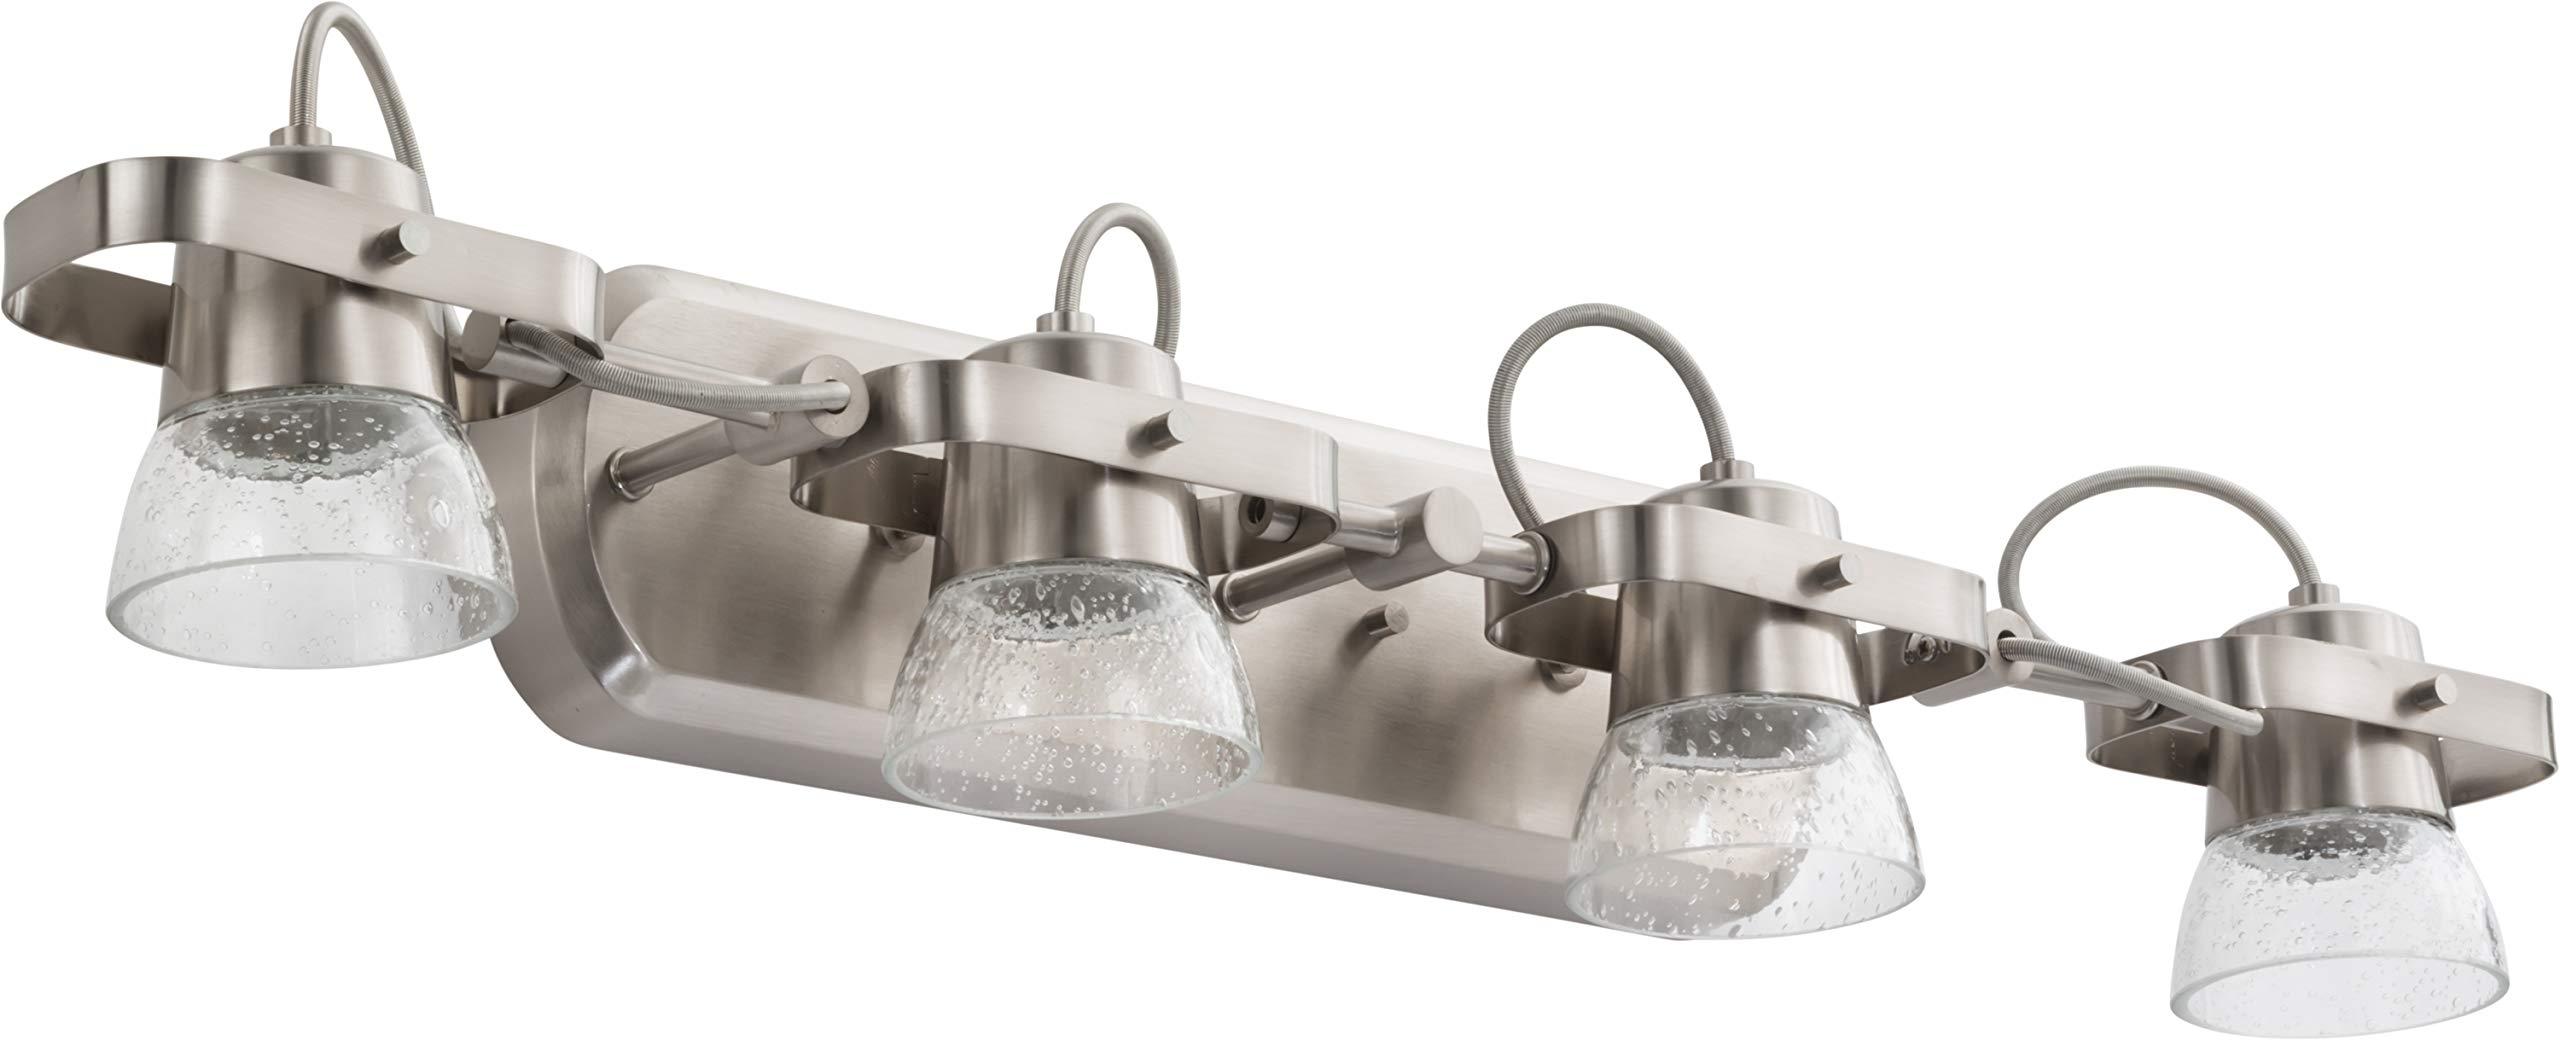 Lithonia Lighting LTFSGL4 27K 90CRI BN M4 4-Light LED Linear Seeded Glass Fixed Track Kit, 2700K, Brushed Nickel